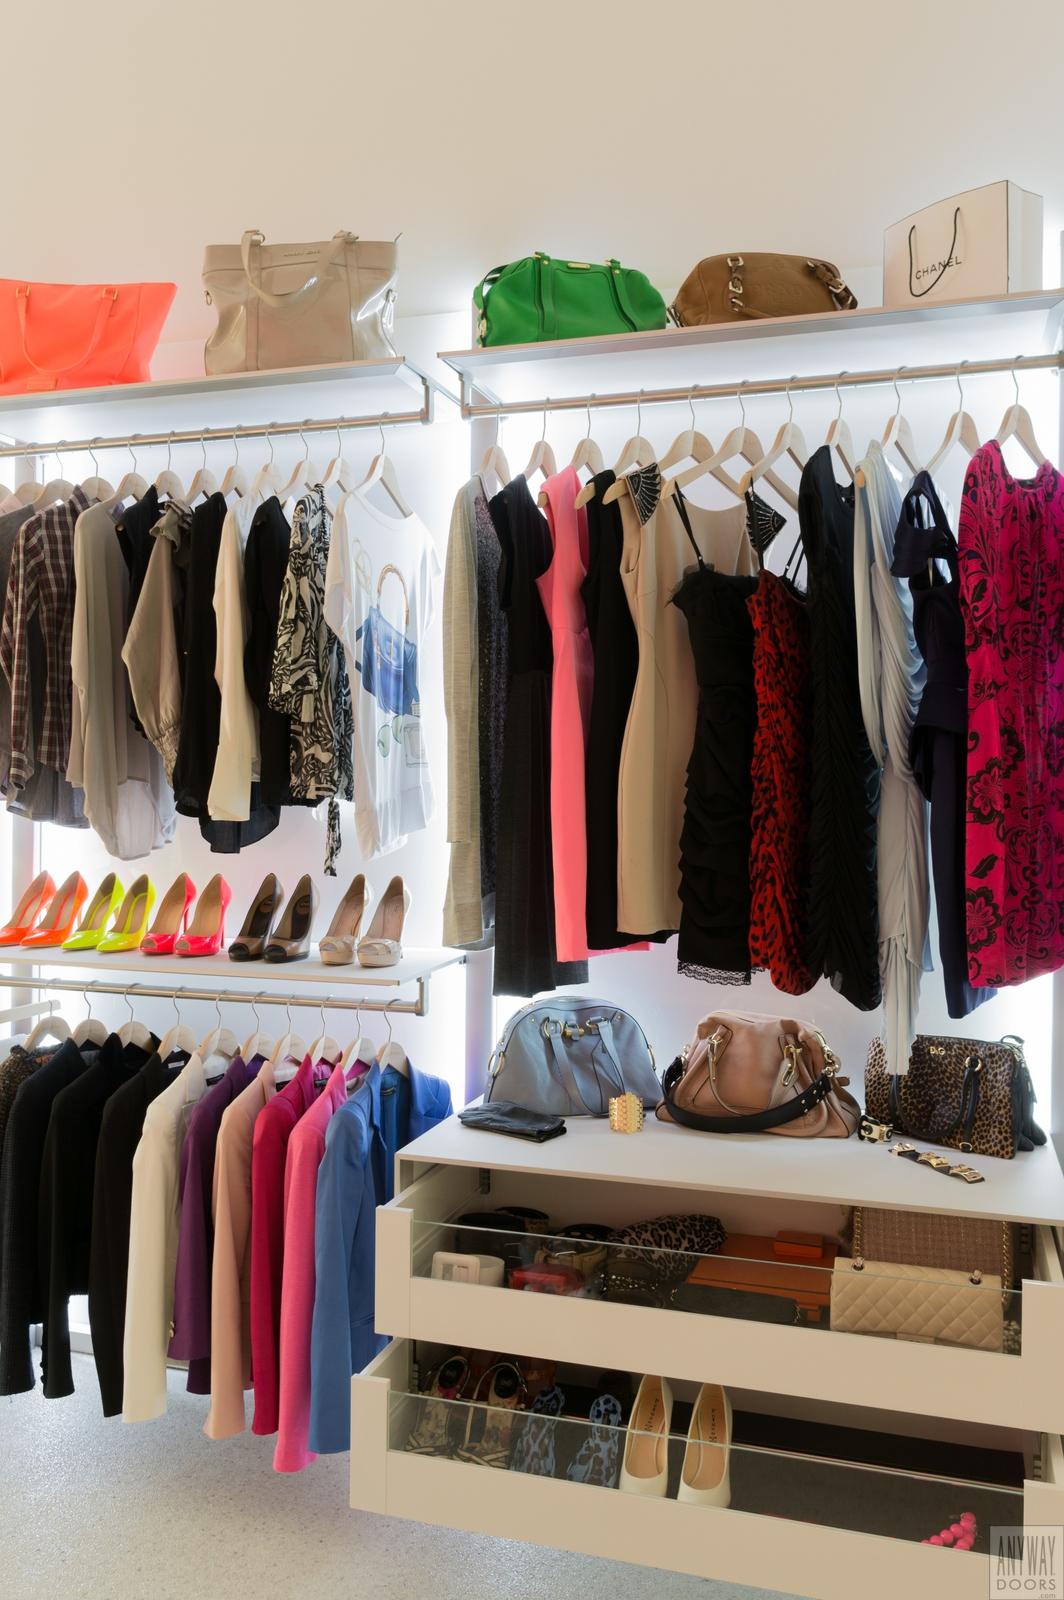 Design slaapkamerkasten op maat - DRESS-A-WAY inloopkasten op maat